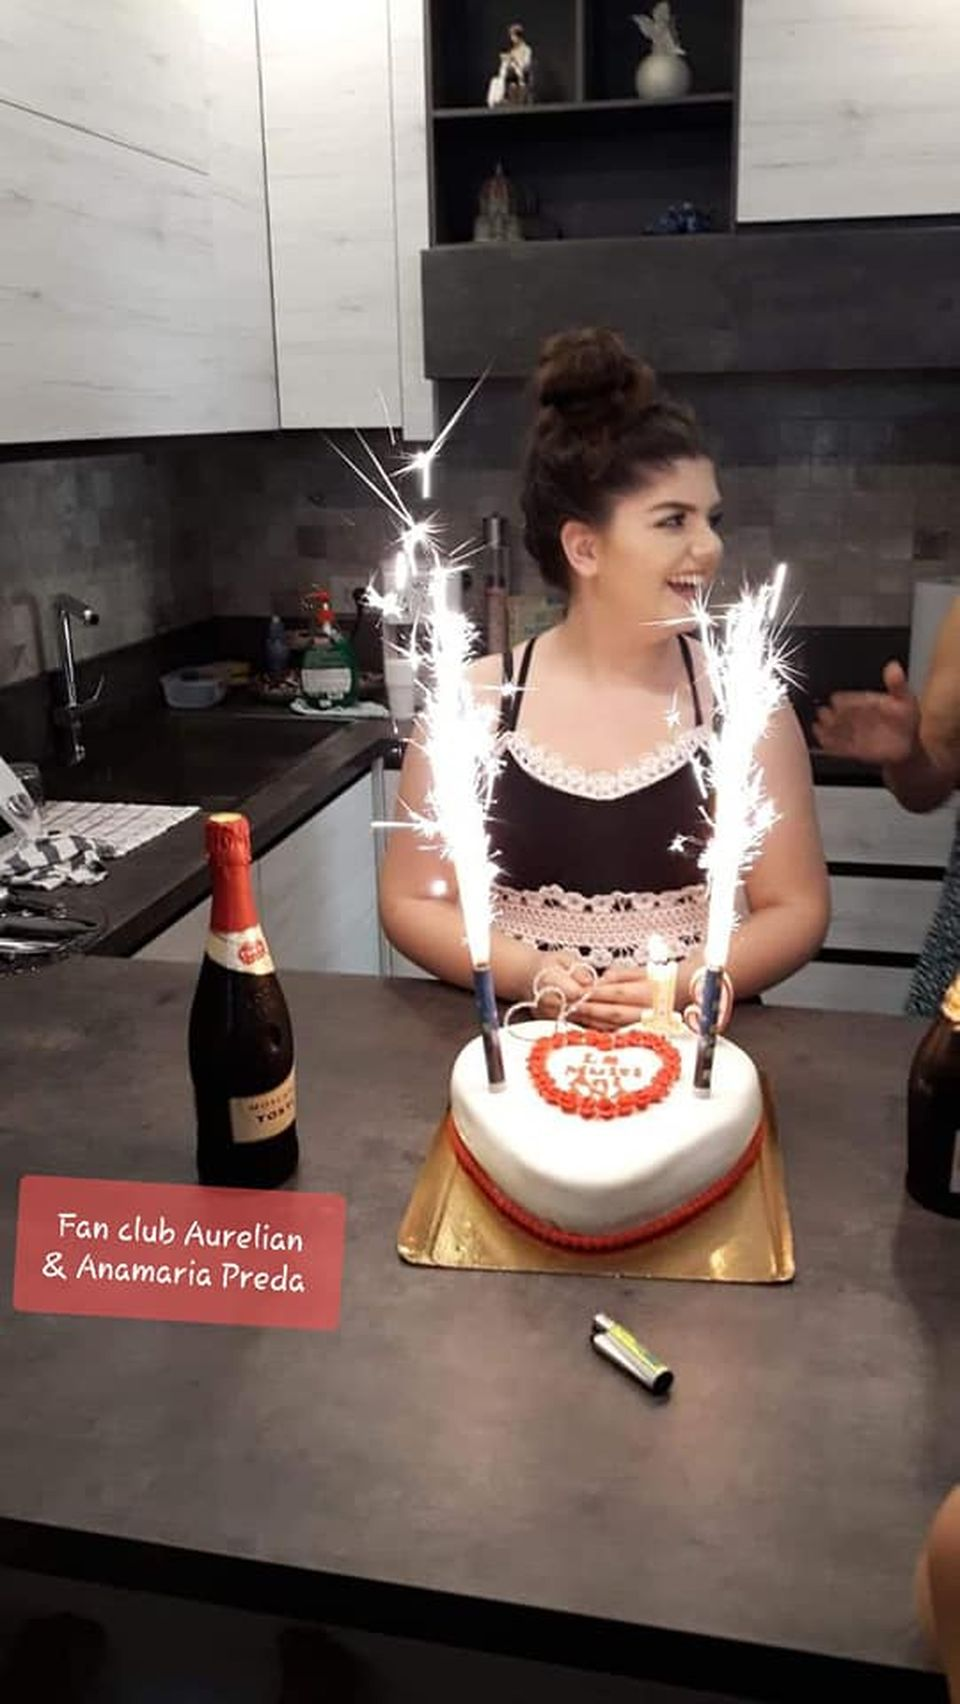 Singurele imagini de la ziua de naștere a fiicei lui Aurelian Preda! Ce a făcut Anamaria la împlinirea a 19 ani?